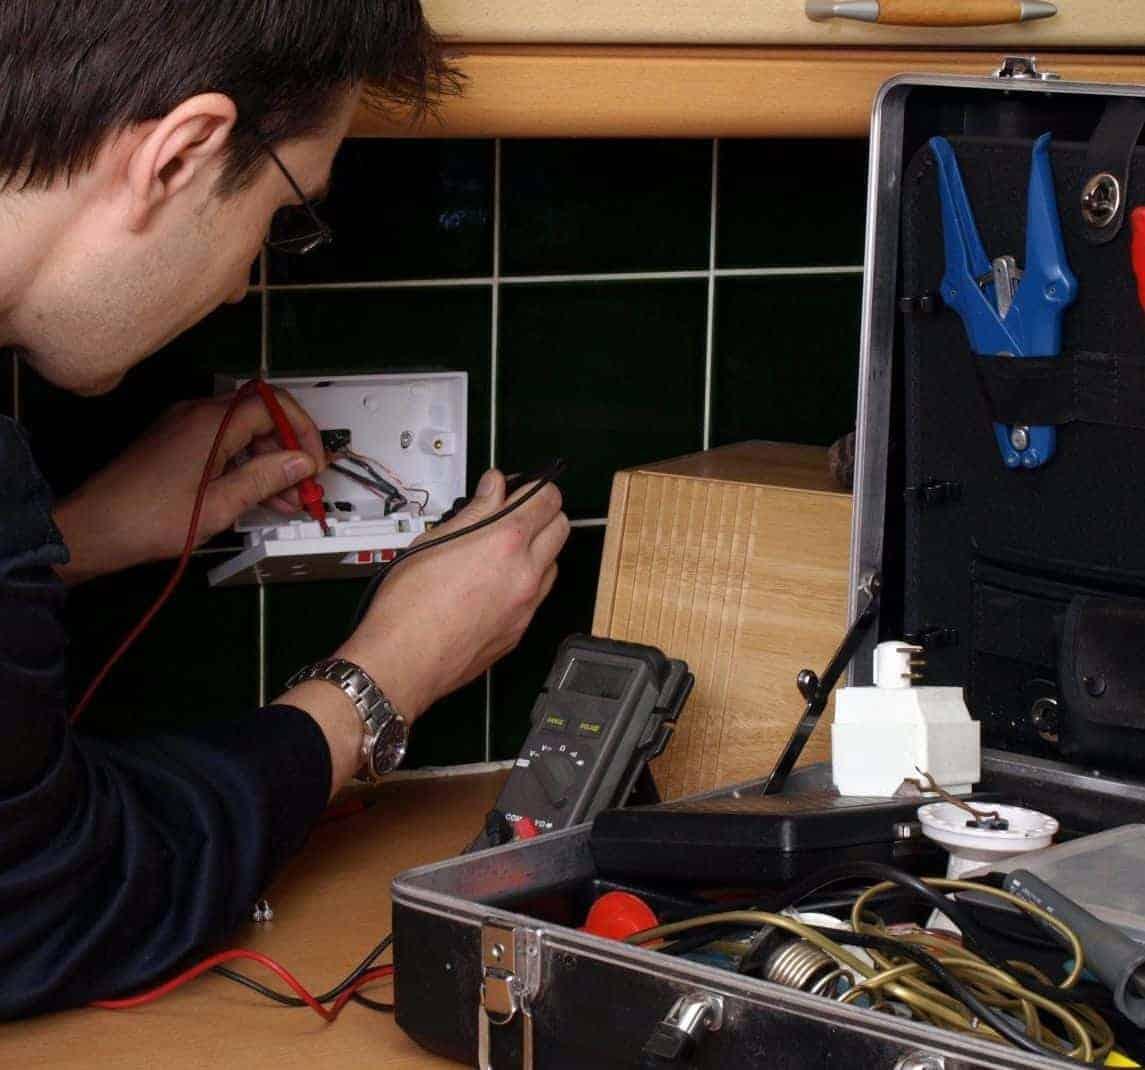 electrician test socket board